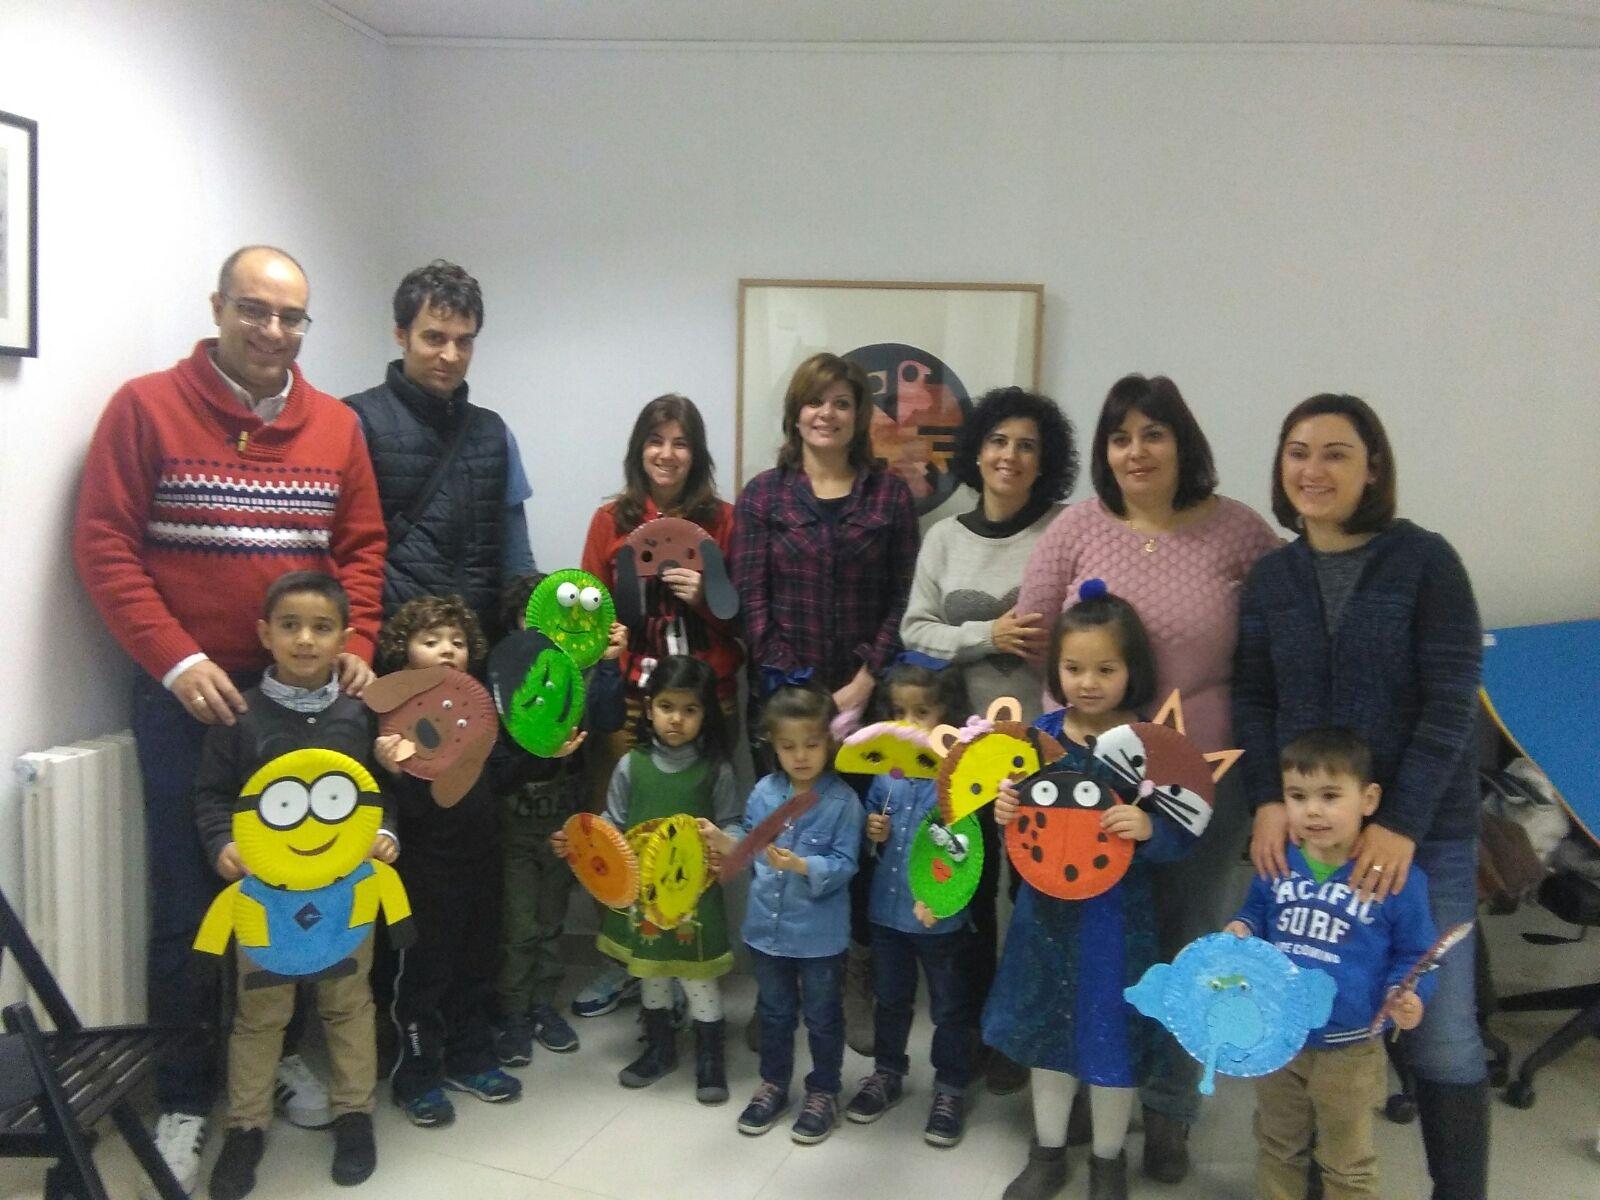 La Comarca Campo de Daroca organiza un taller de padres y madres el 19 de febrero